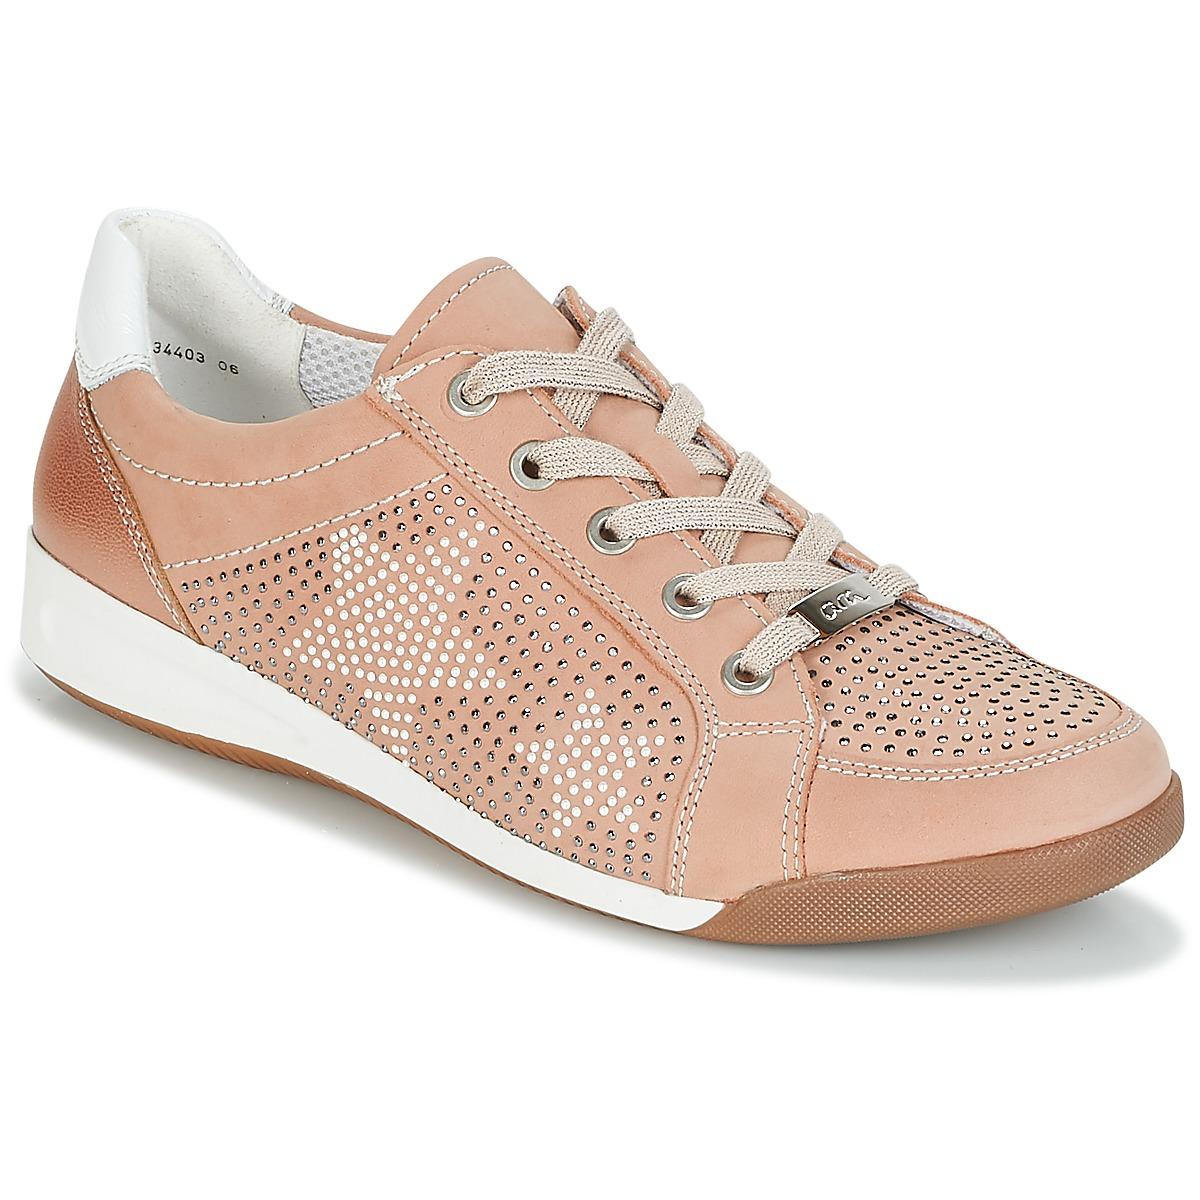 b611690d4ed283 Ara ROM Rose - Kostenloser Versand bei Spartoode ! - Schuhe Sneaker Low  Damen 80